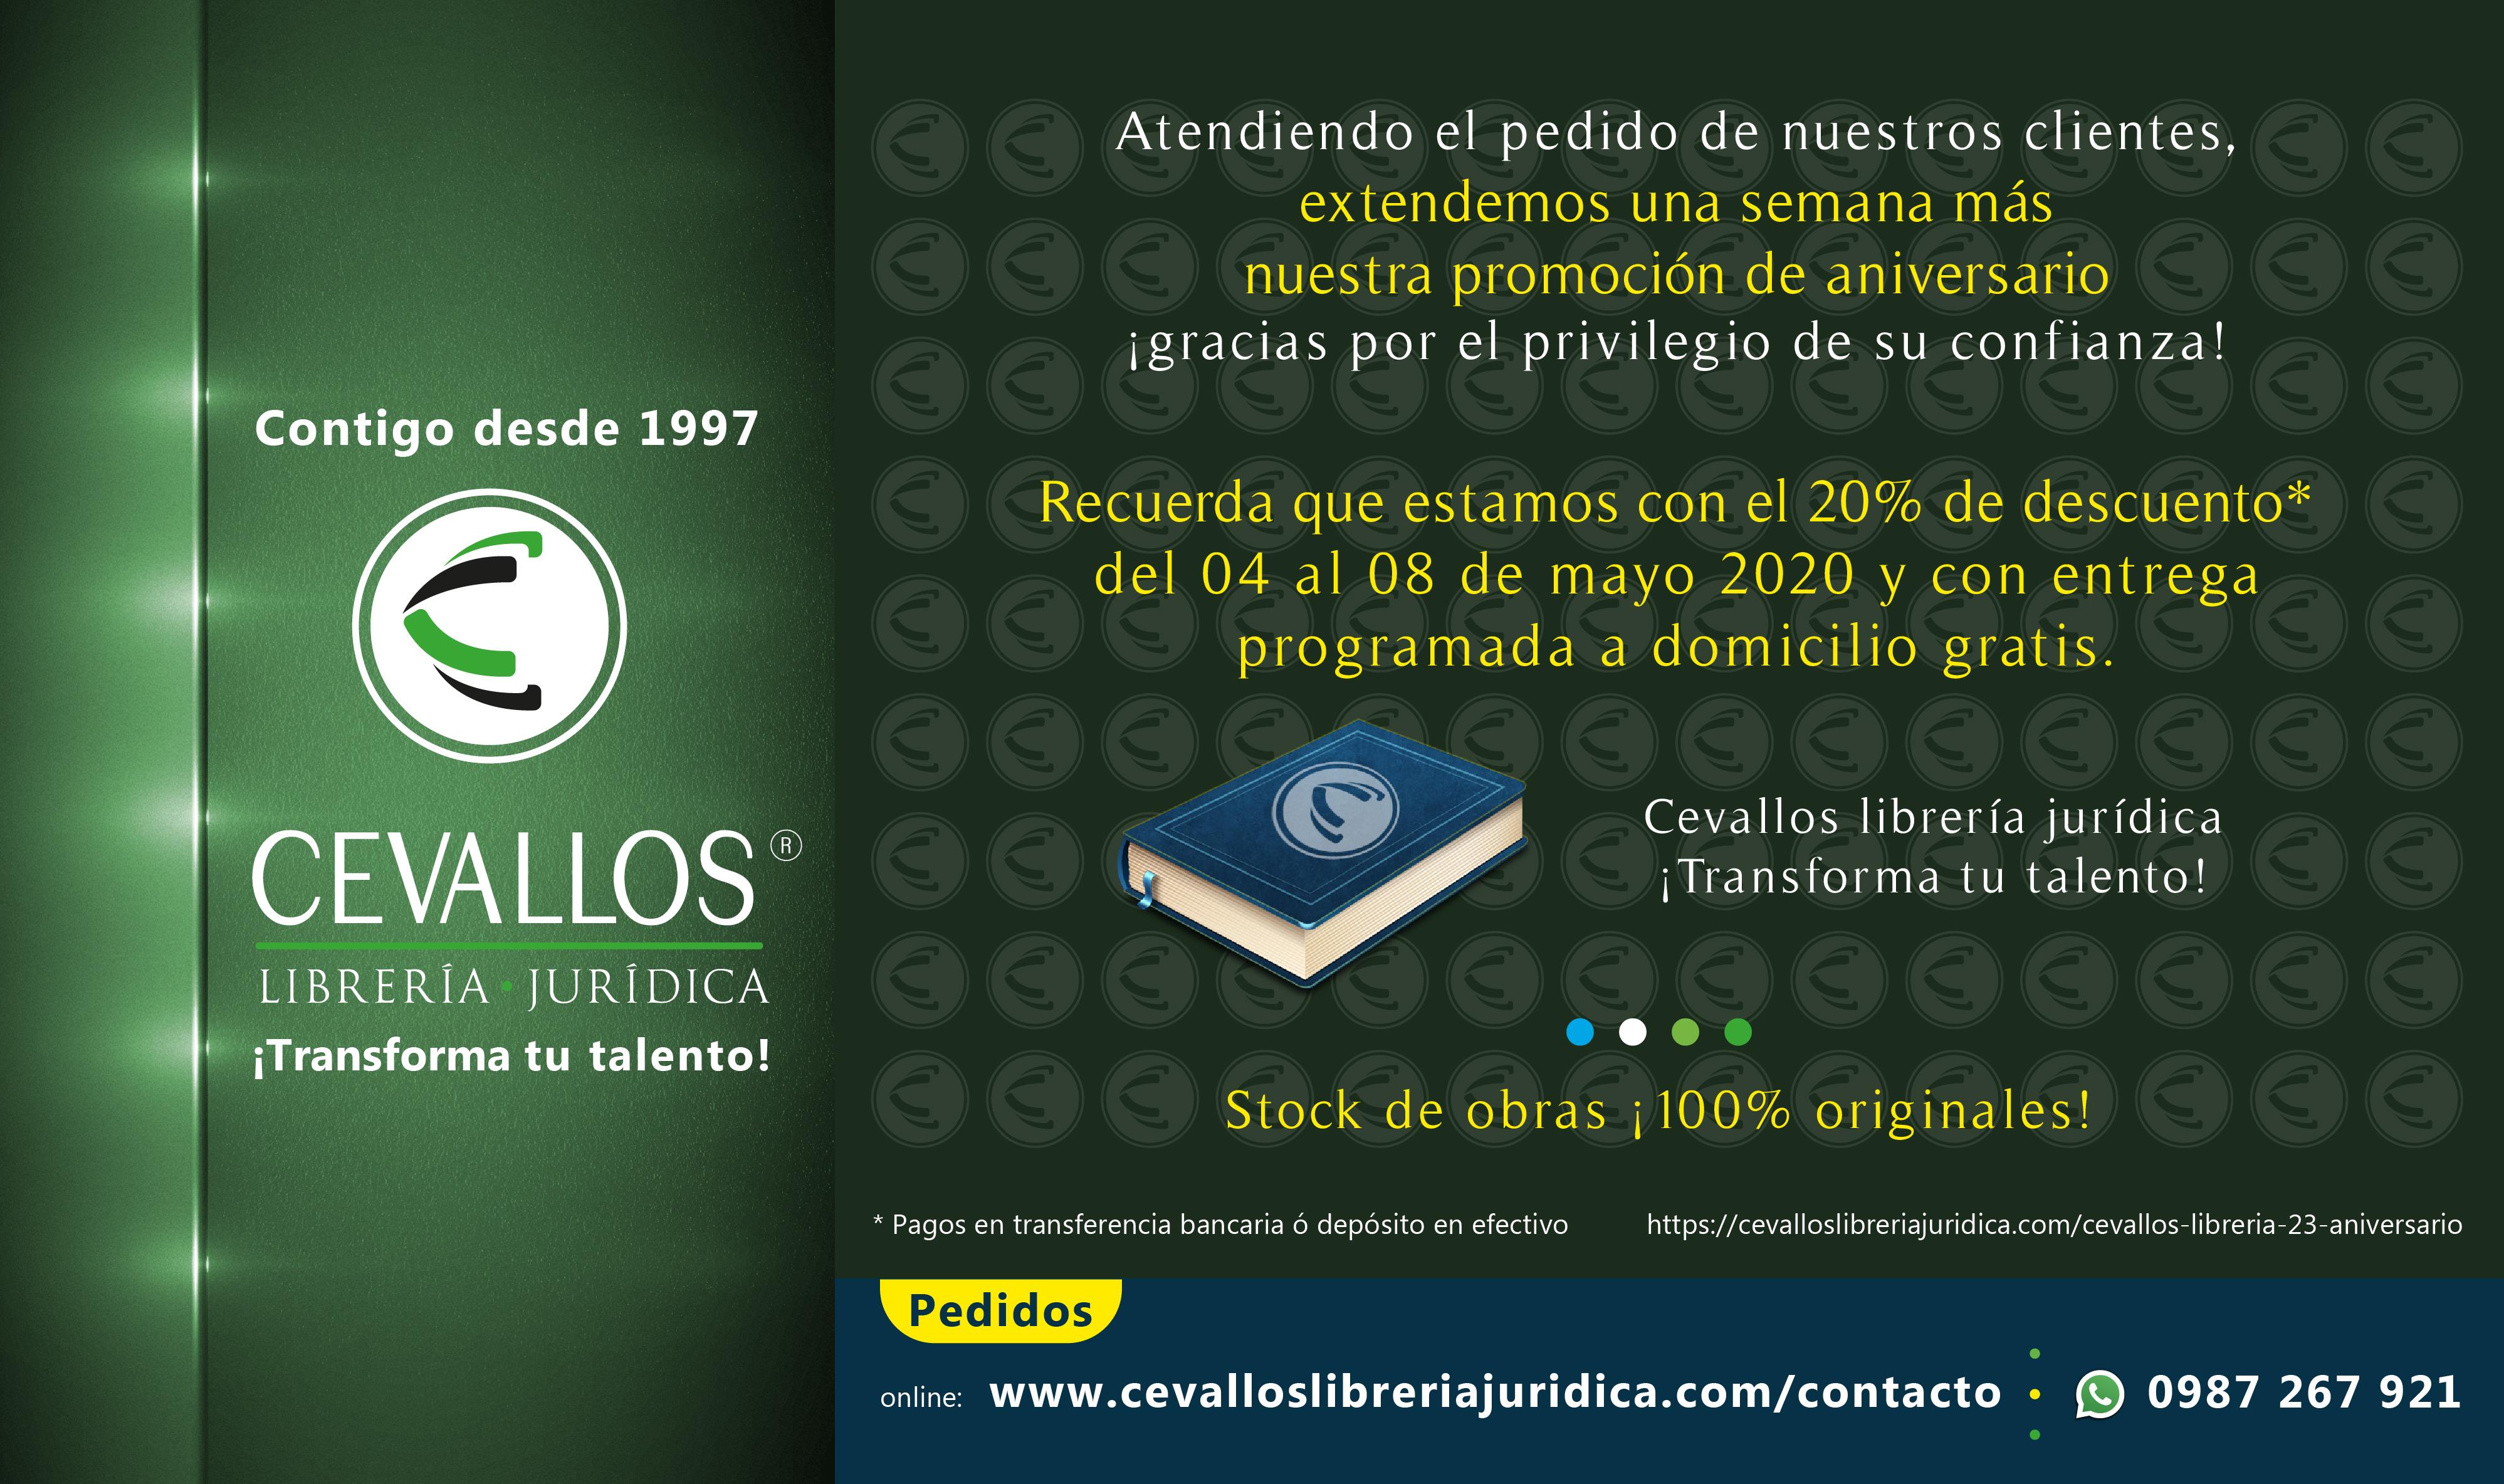 Cevallos librería jurídica - online